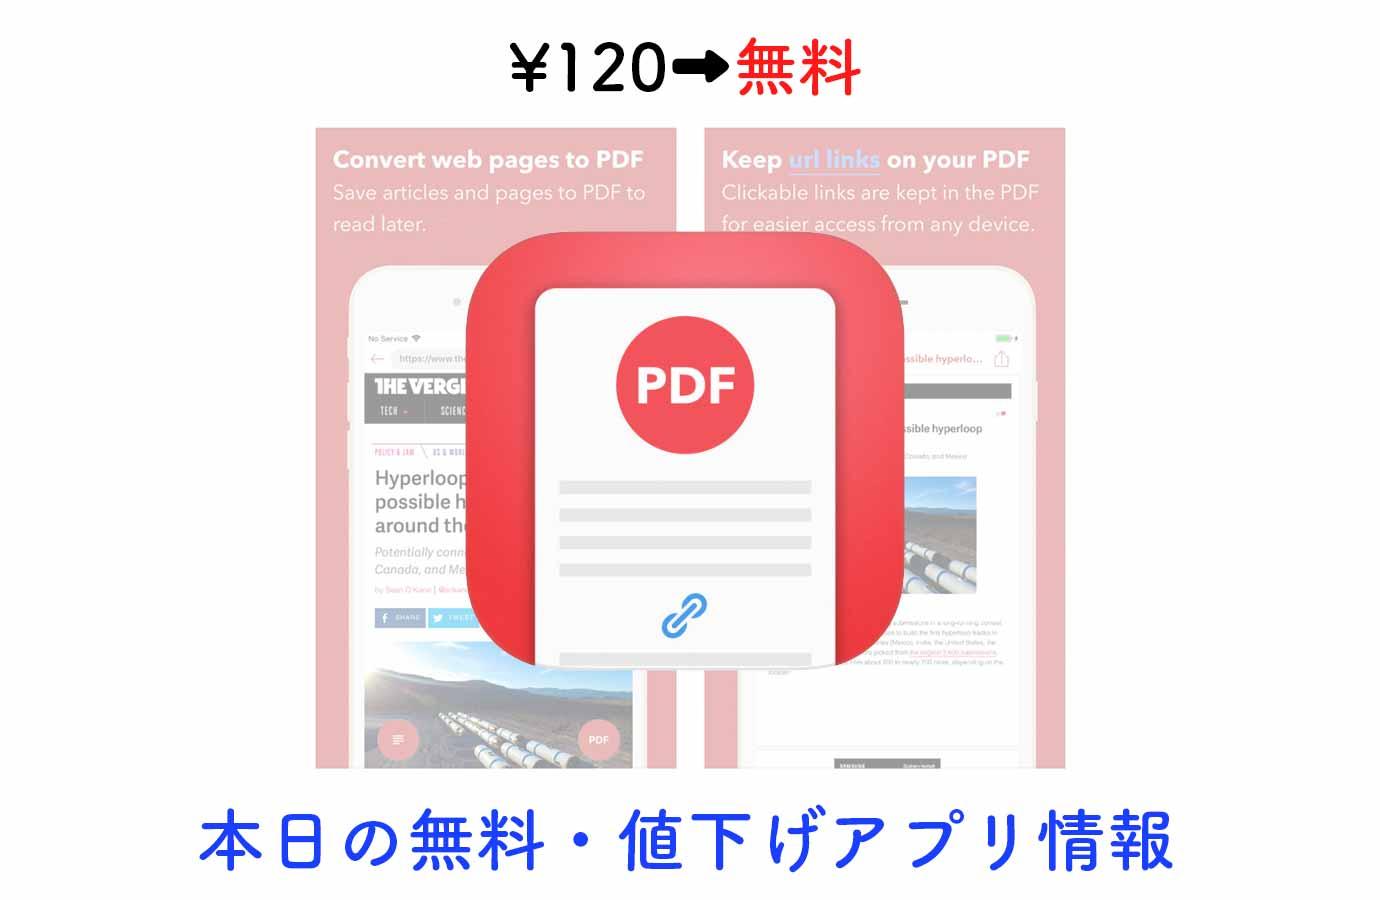 ¥120→無料、ウェブページをPDFに変換してあとで読める「InstaWeb」など【9/21】本日の無料・値下げアプリ情報